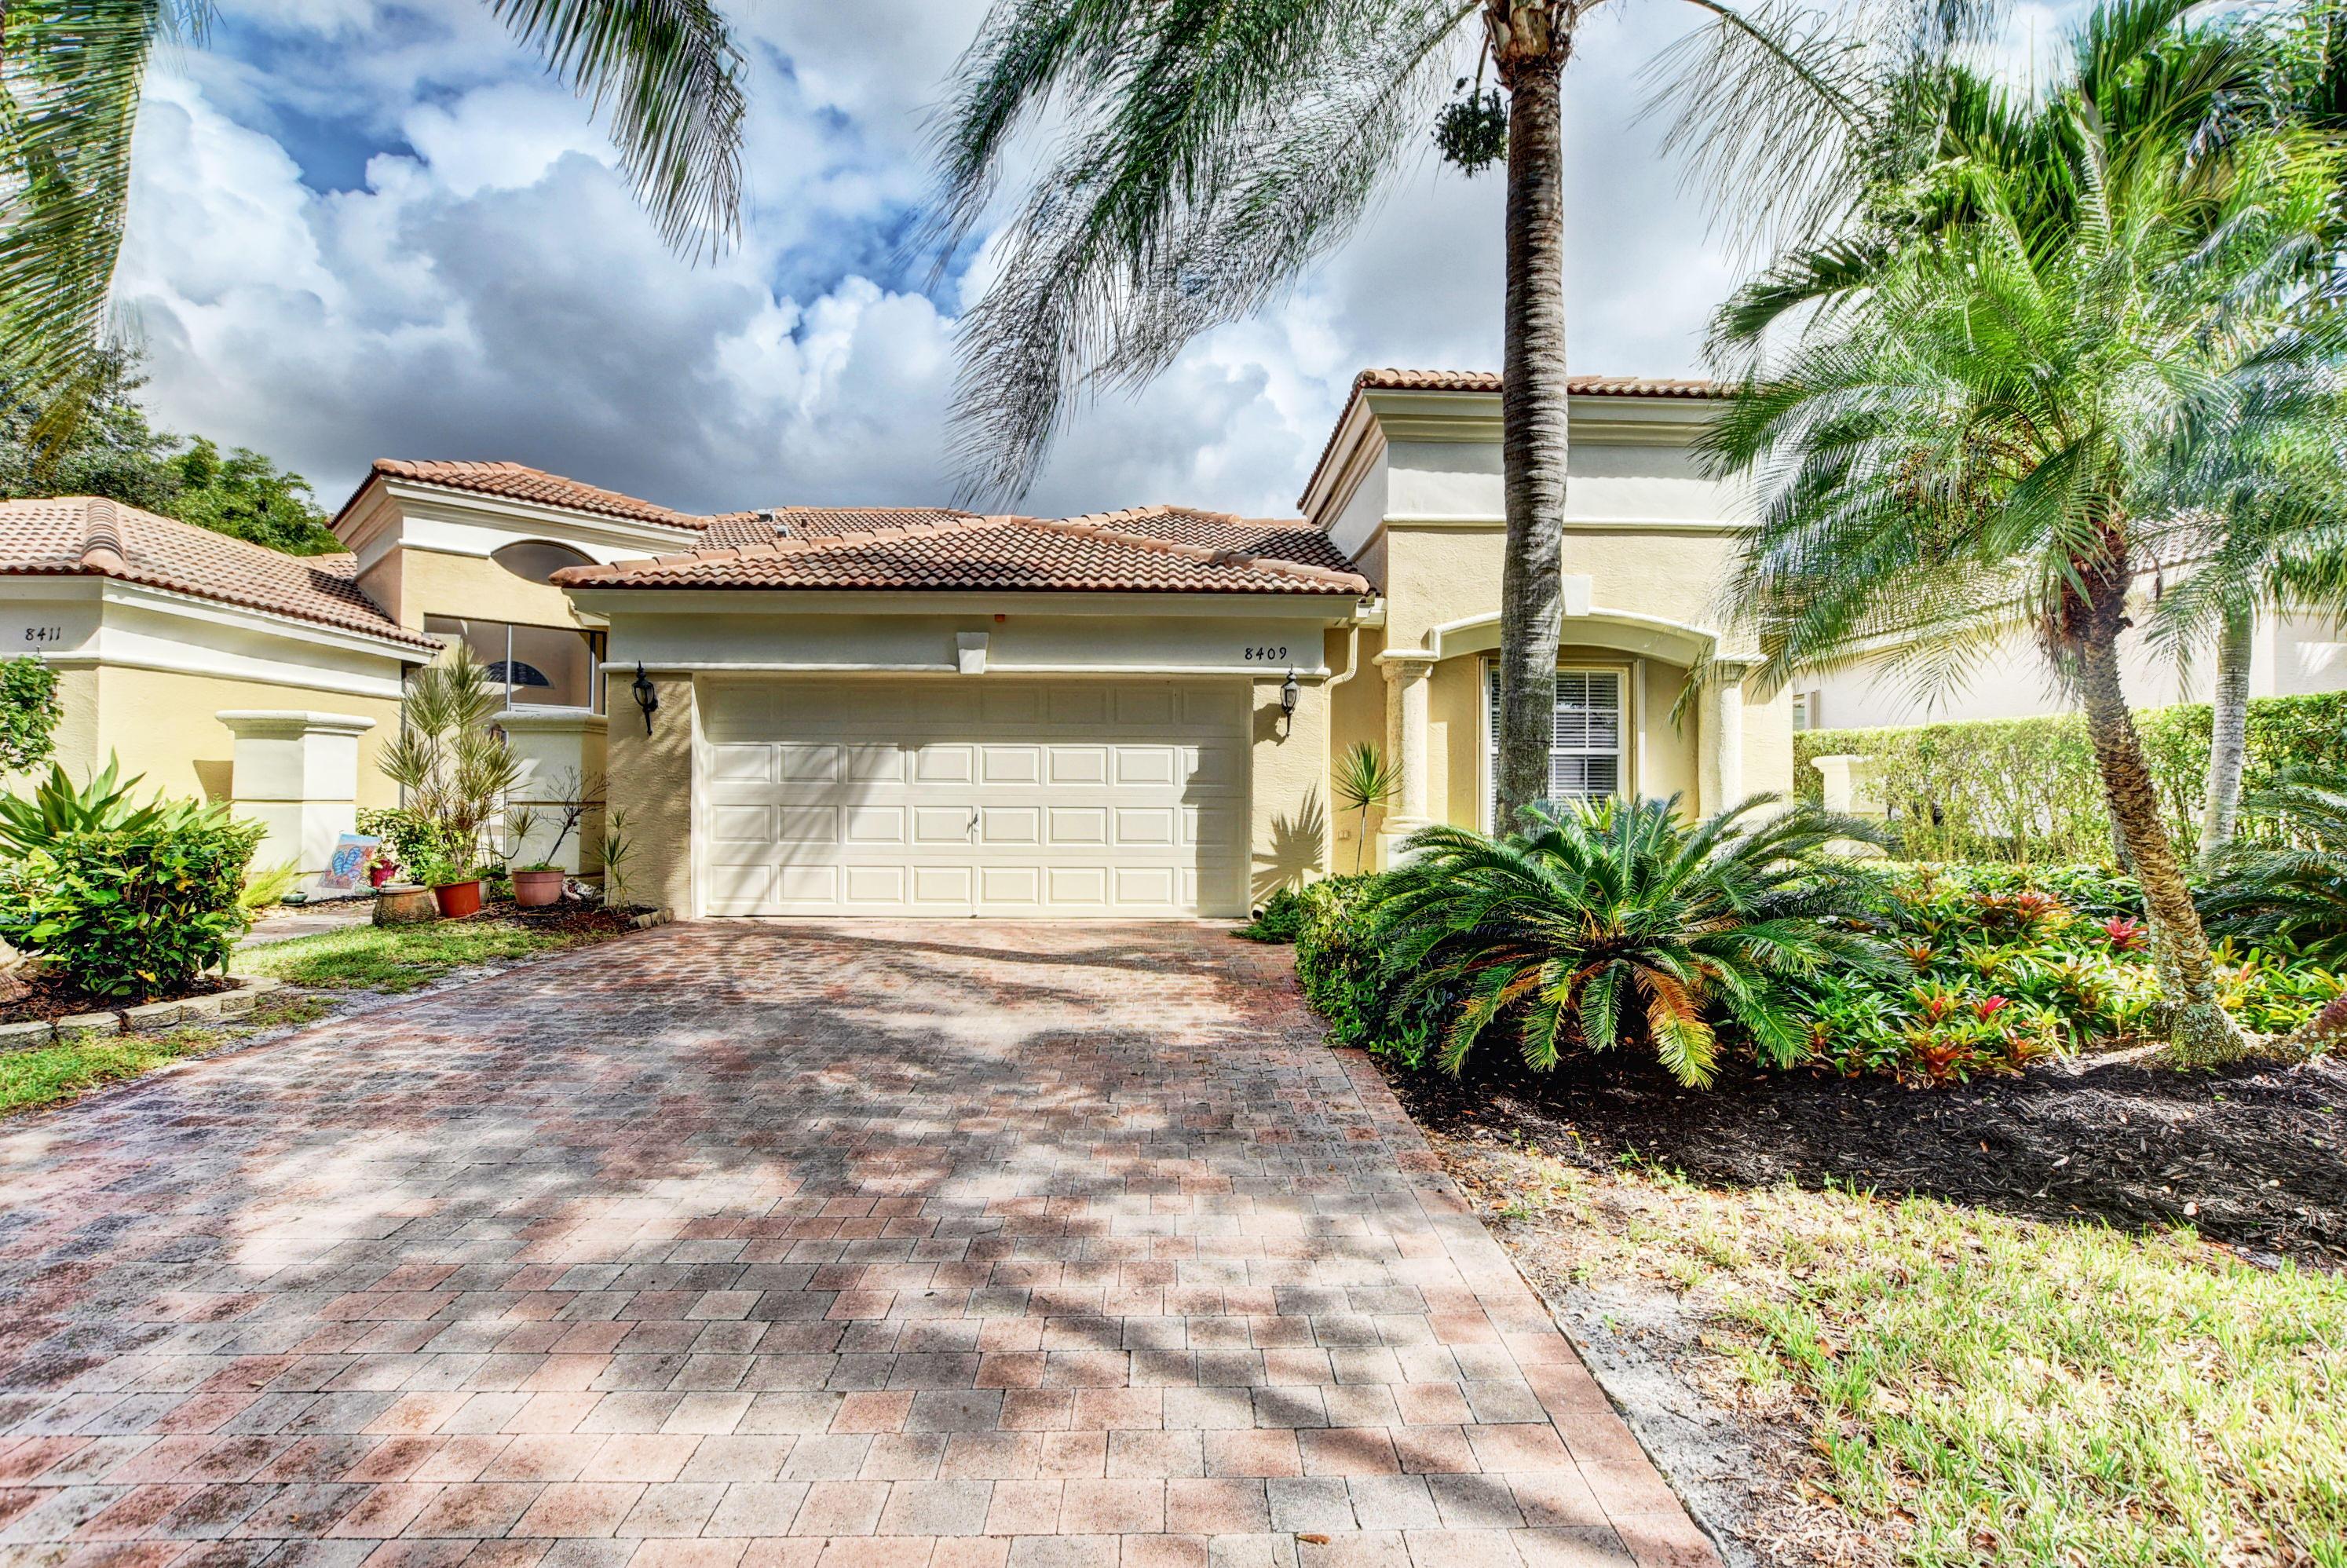 Photo of 8409 Staniel Cay, West Palm Beach, FL 33411